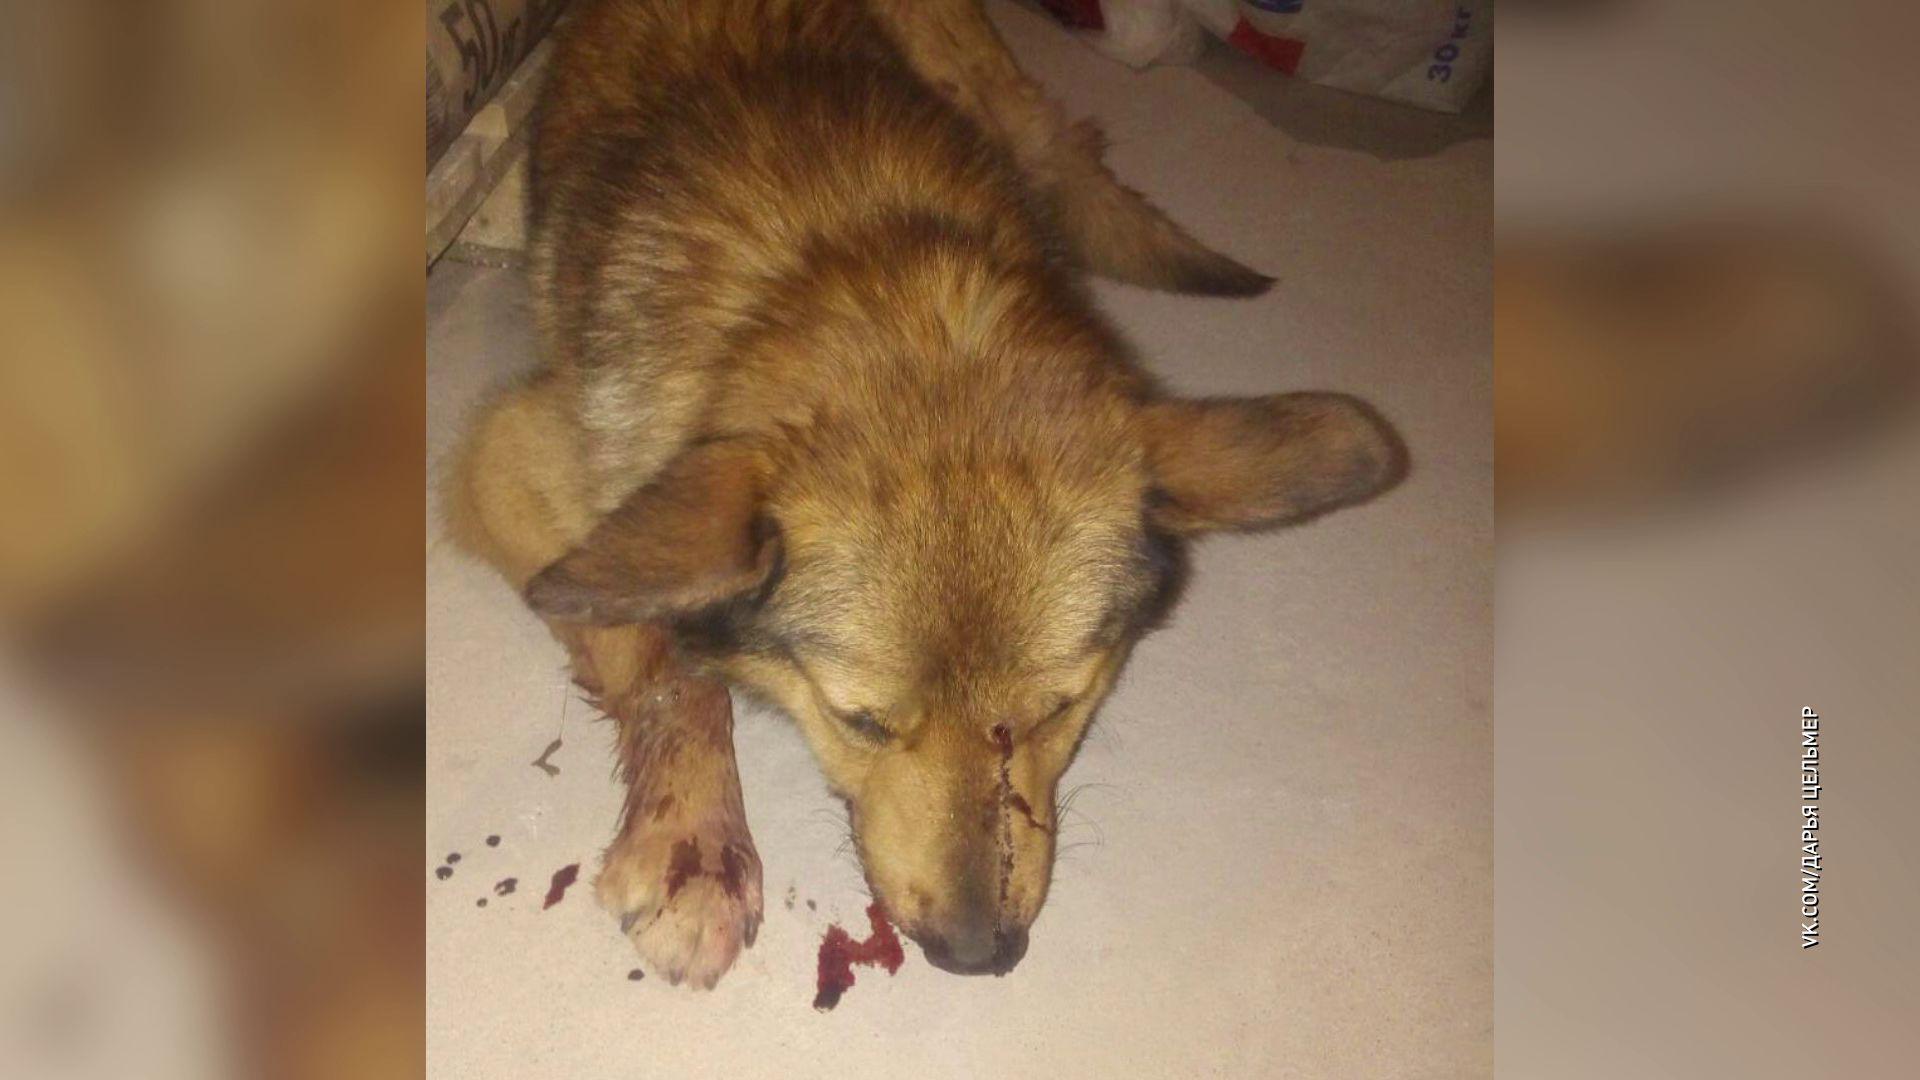 Пострадала, но выжила: в поселке Щедрино неизвестный выстрелил собаке прямо в нос